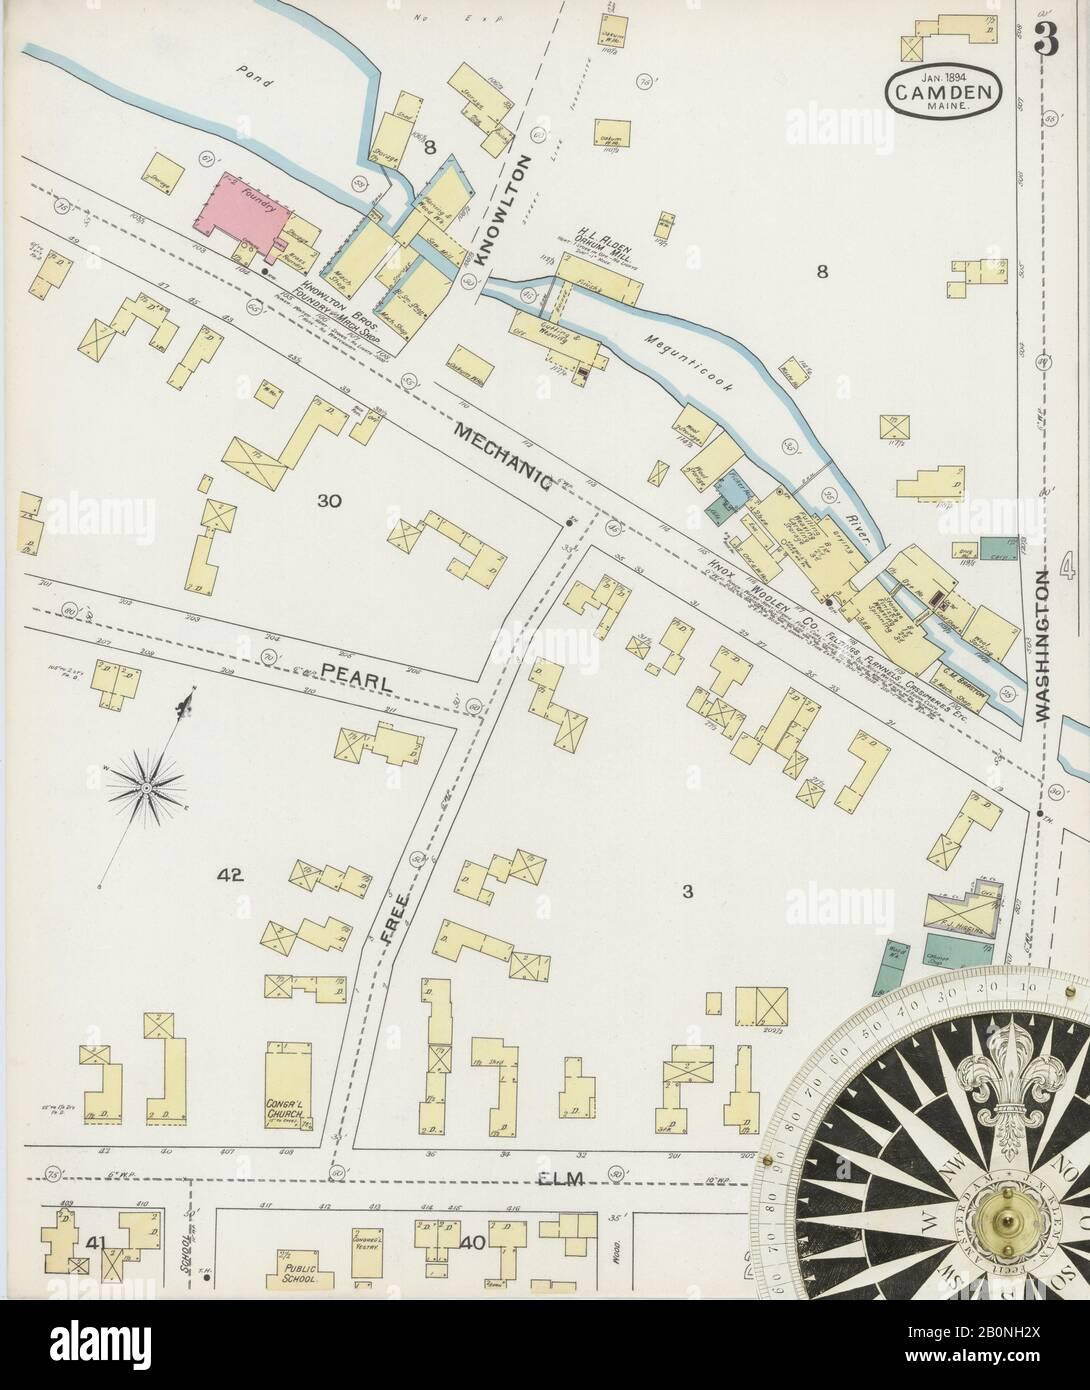 Bild 3 von Sanborn Fire Insurance Map aus Camden, Knox County, Maine. Jan 1894. 6 Blatt(e). Umfasst Rockport, Amerika, Straßenkarte mit einem Kompass Aus Dem 19. Jahrhundert Stockfoto